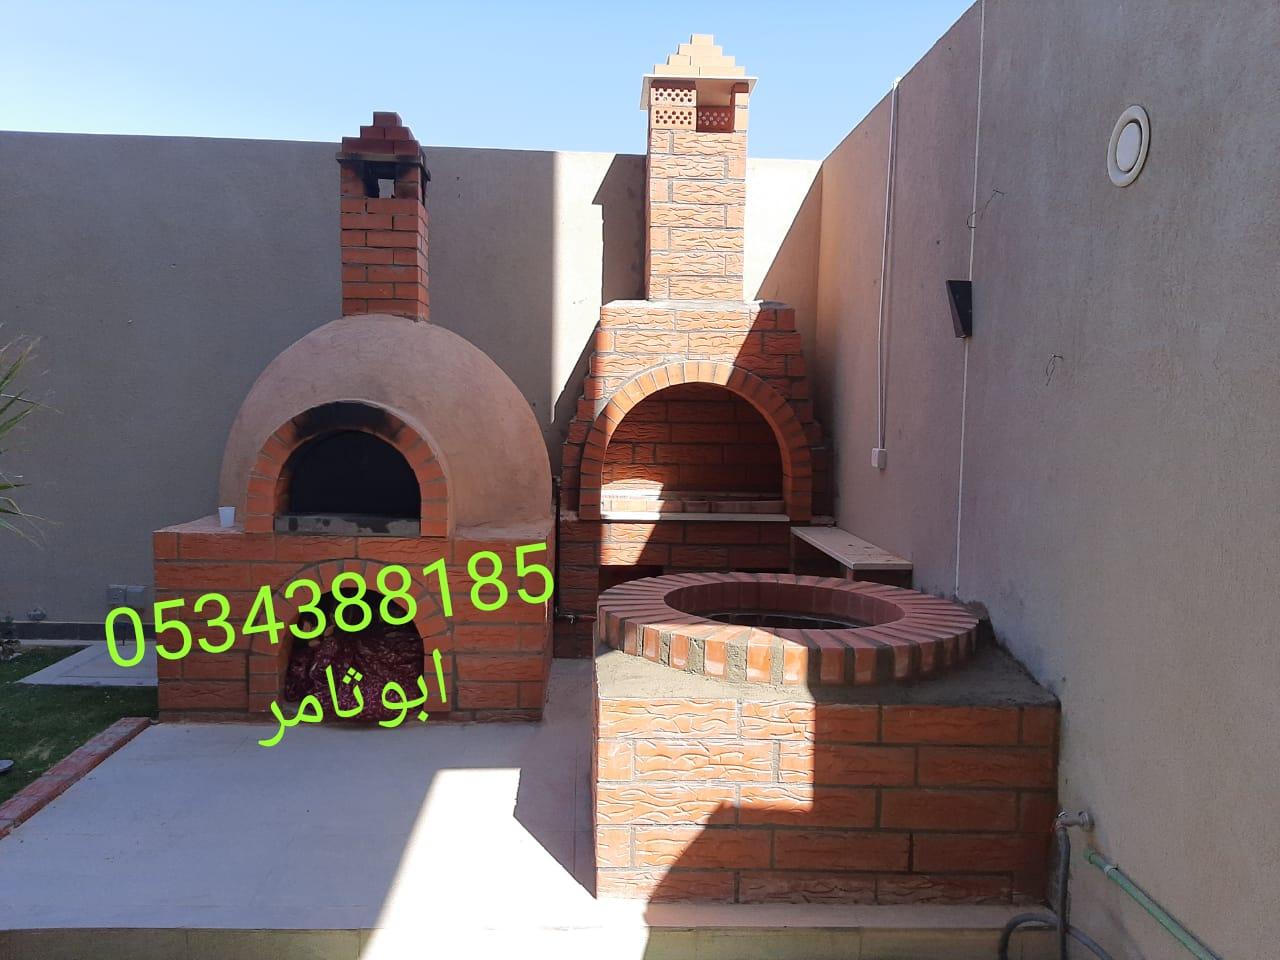 بناء فرن في الرياض , فرن في الشرقية , فرن مطعم , افران مطاعم  0534388185 P_1819c93sc1